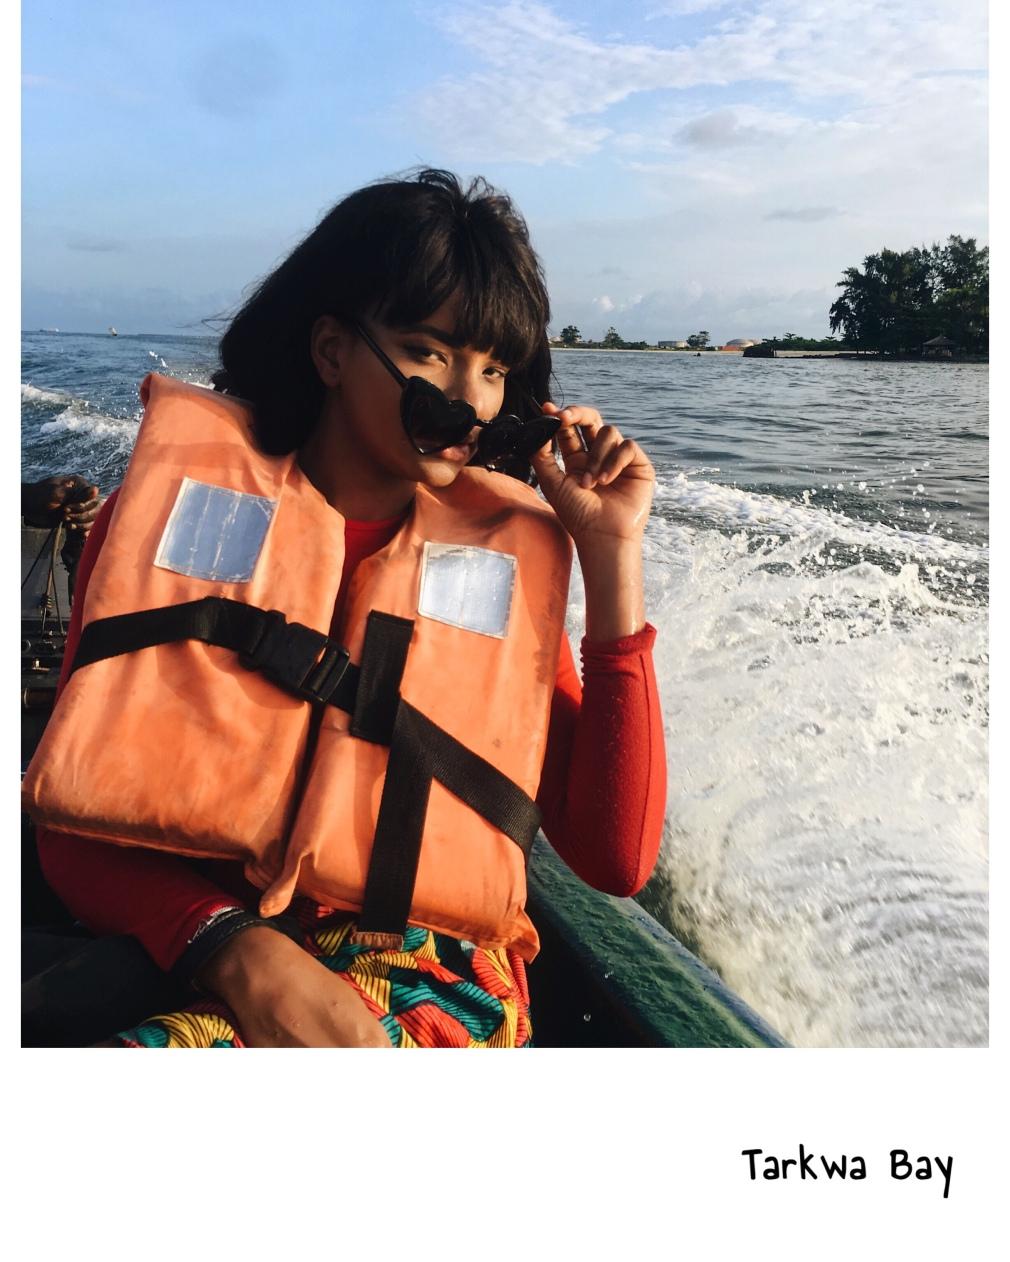 Exploring Tarkwa Bay, Thisthingcalledfashion